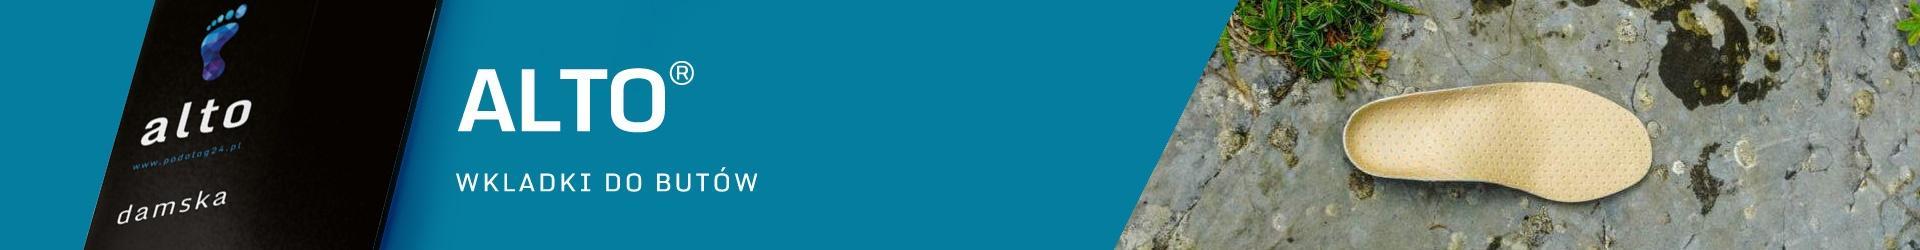 baner-wkladki alto